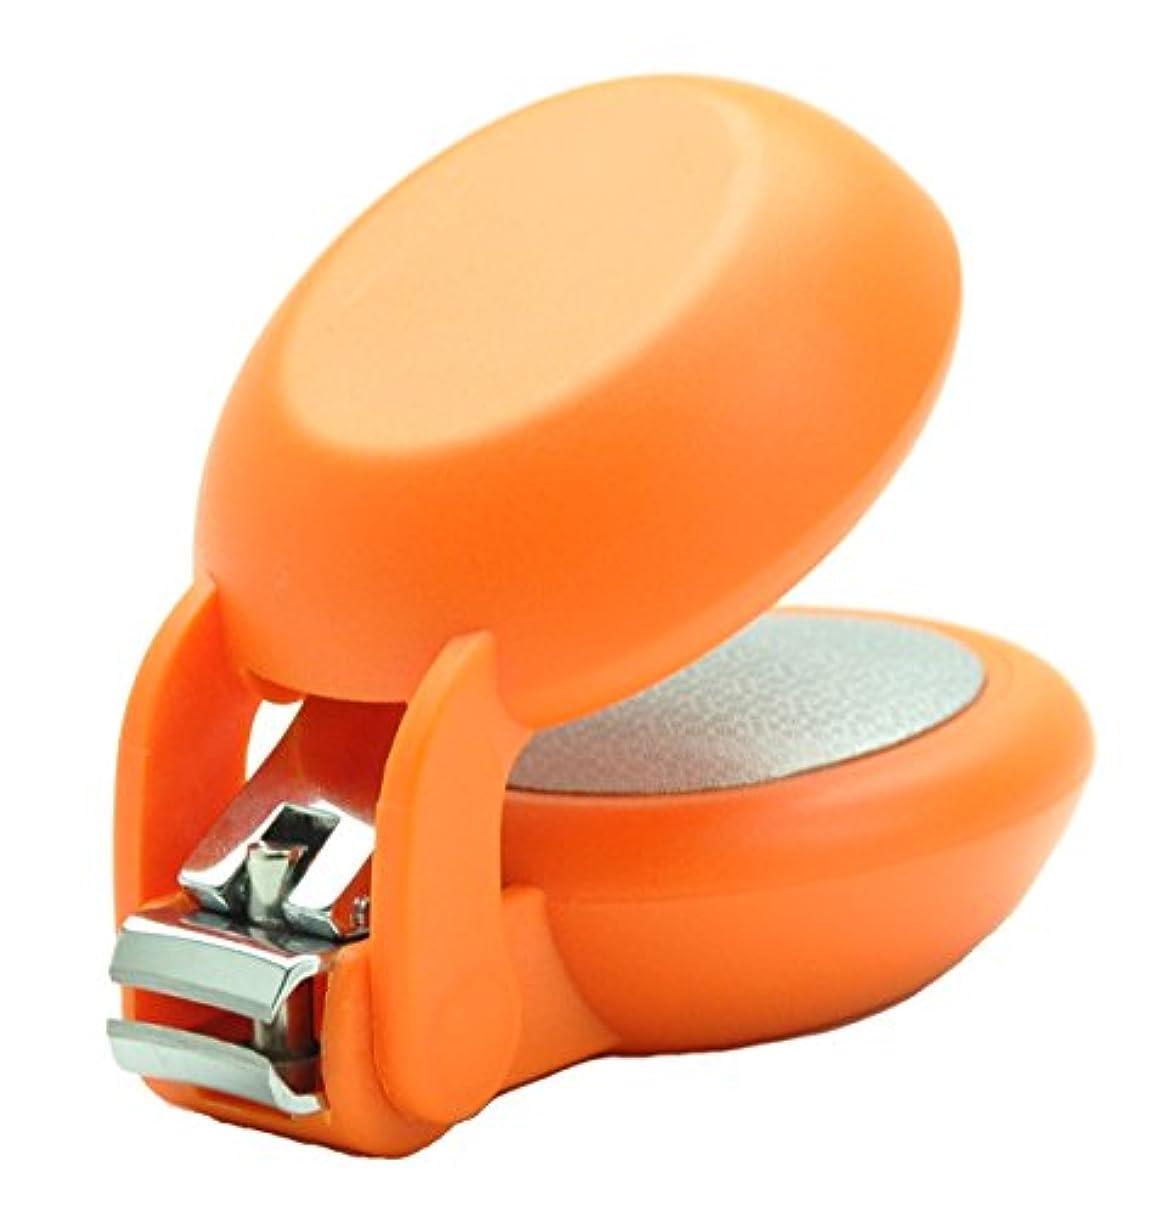 刺します汚す求める爪切り nail clipper (ネイルクリッパー) Nail+ (ネイルプラス) Orange (オレンジ)